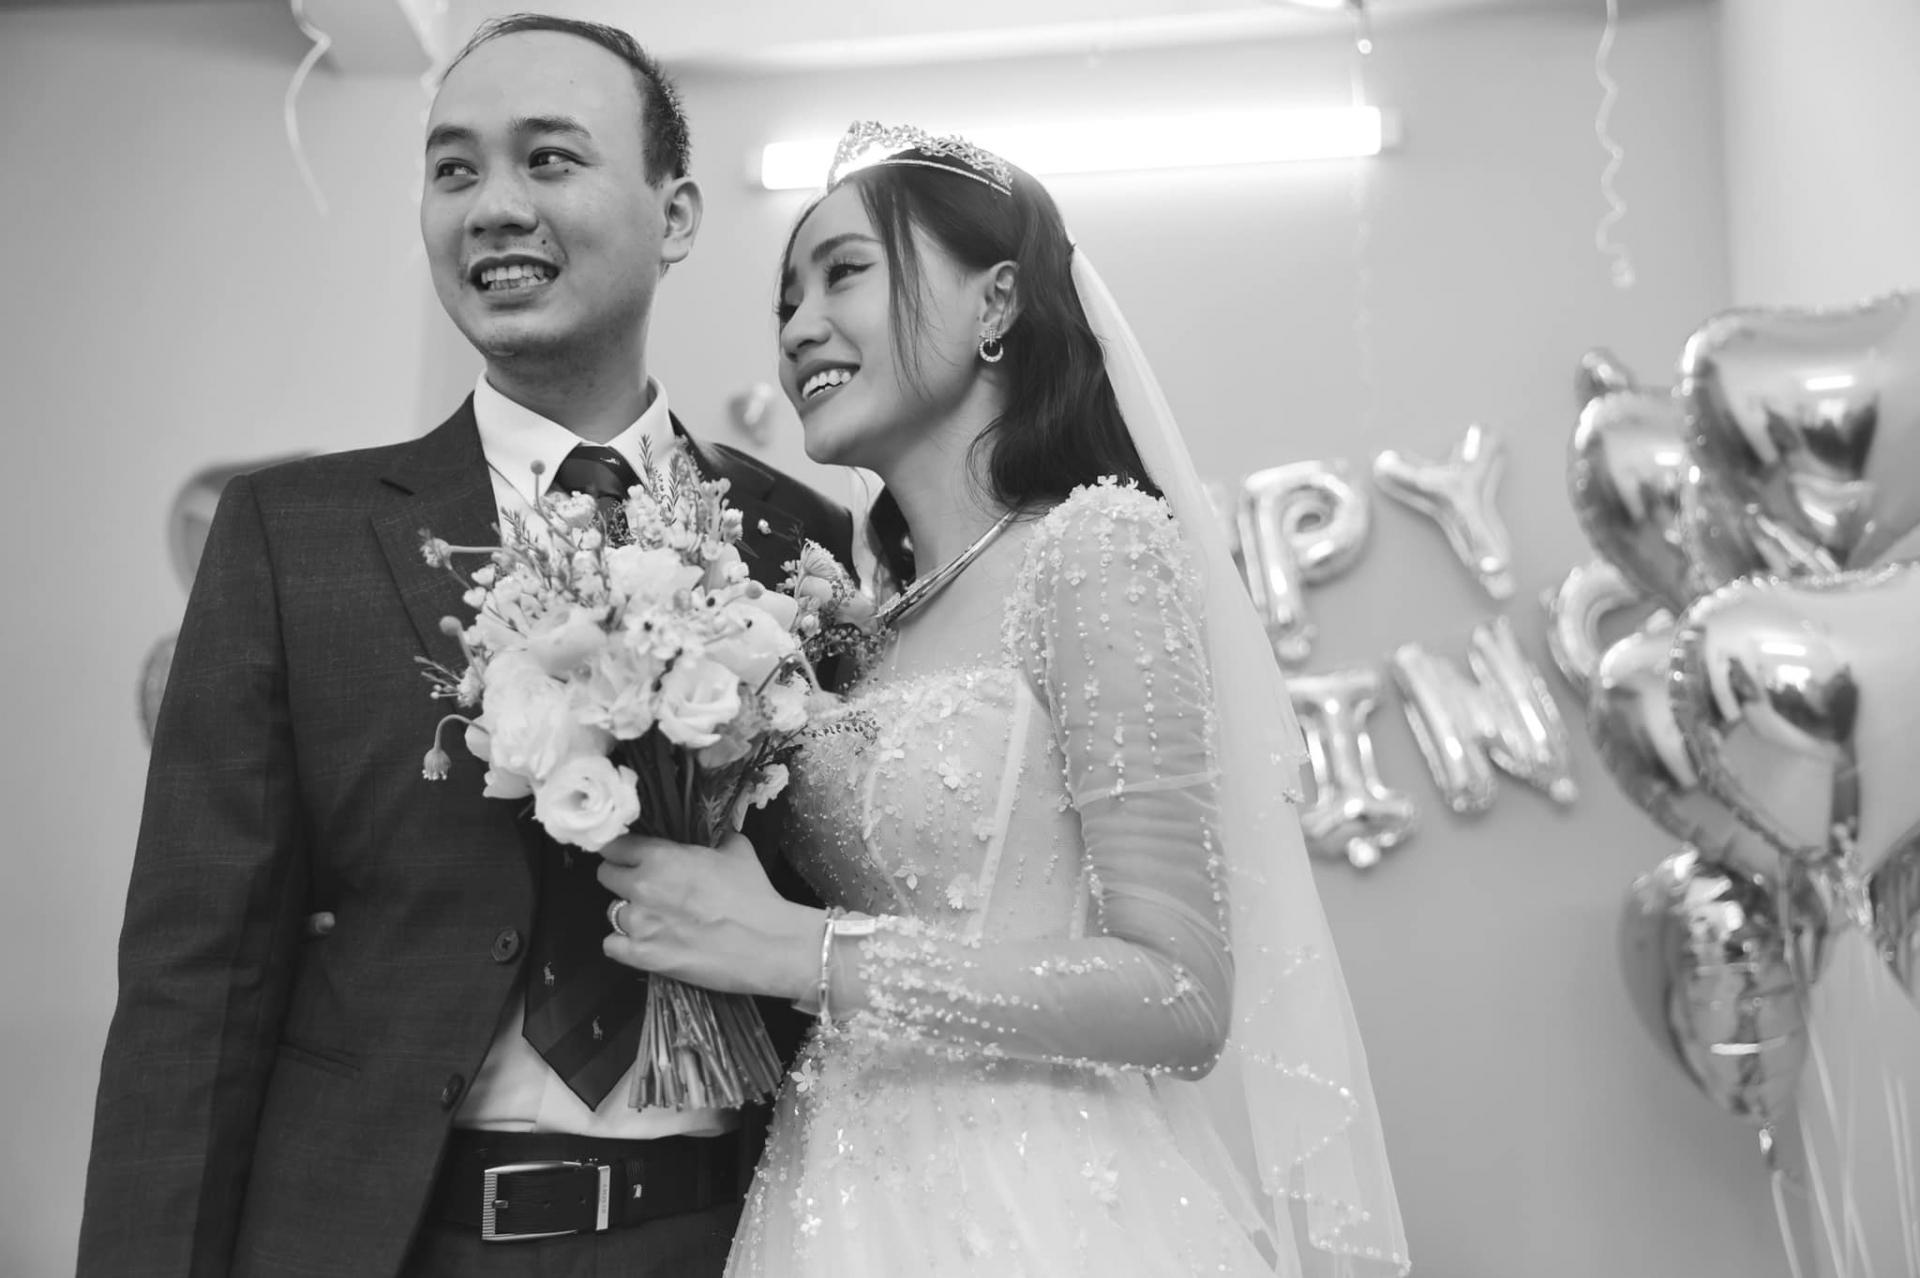 MC thời tiết Xuân Anh lần đầu công khai dung mạo ông xã, thừa nhận thiệt thòi khi lấy chồng 'đại gia' 2